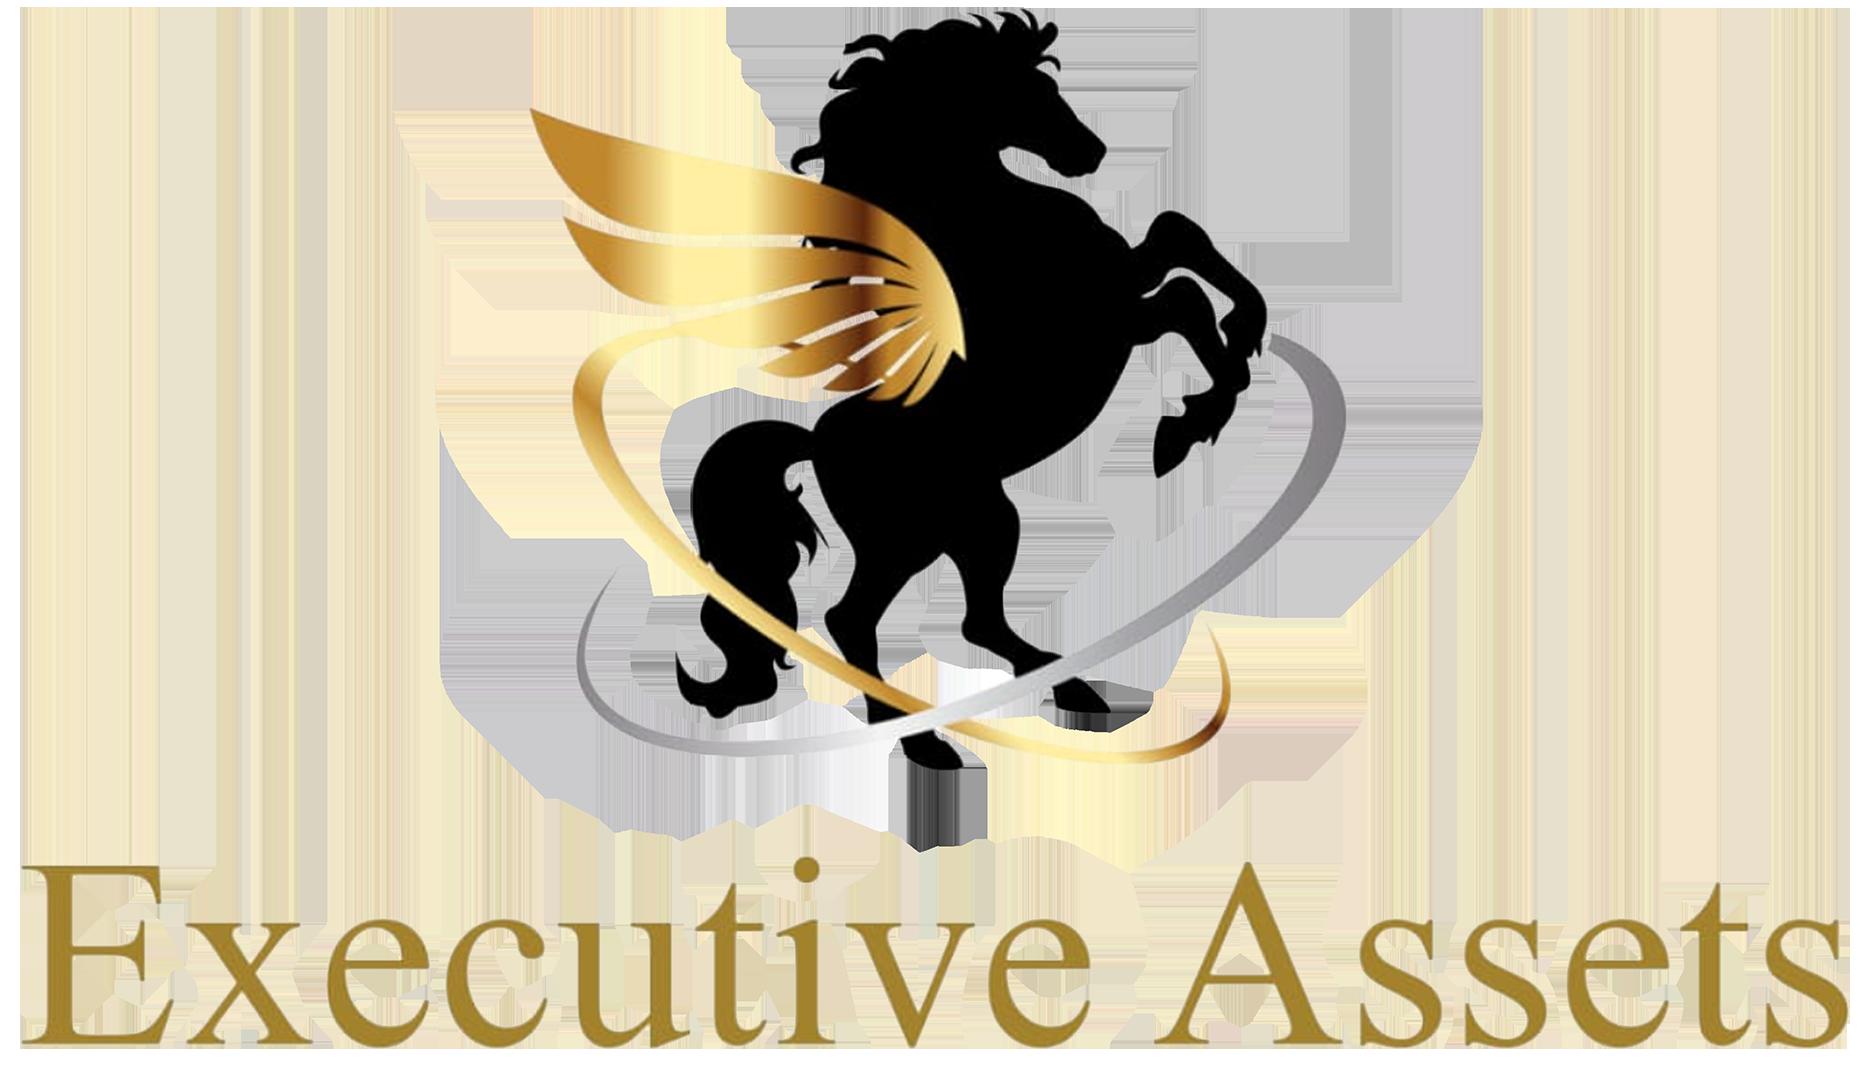 Executive Assets